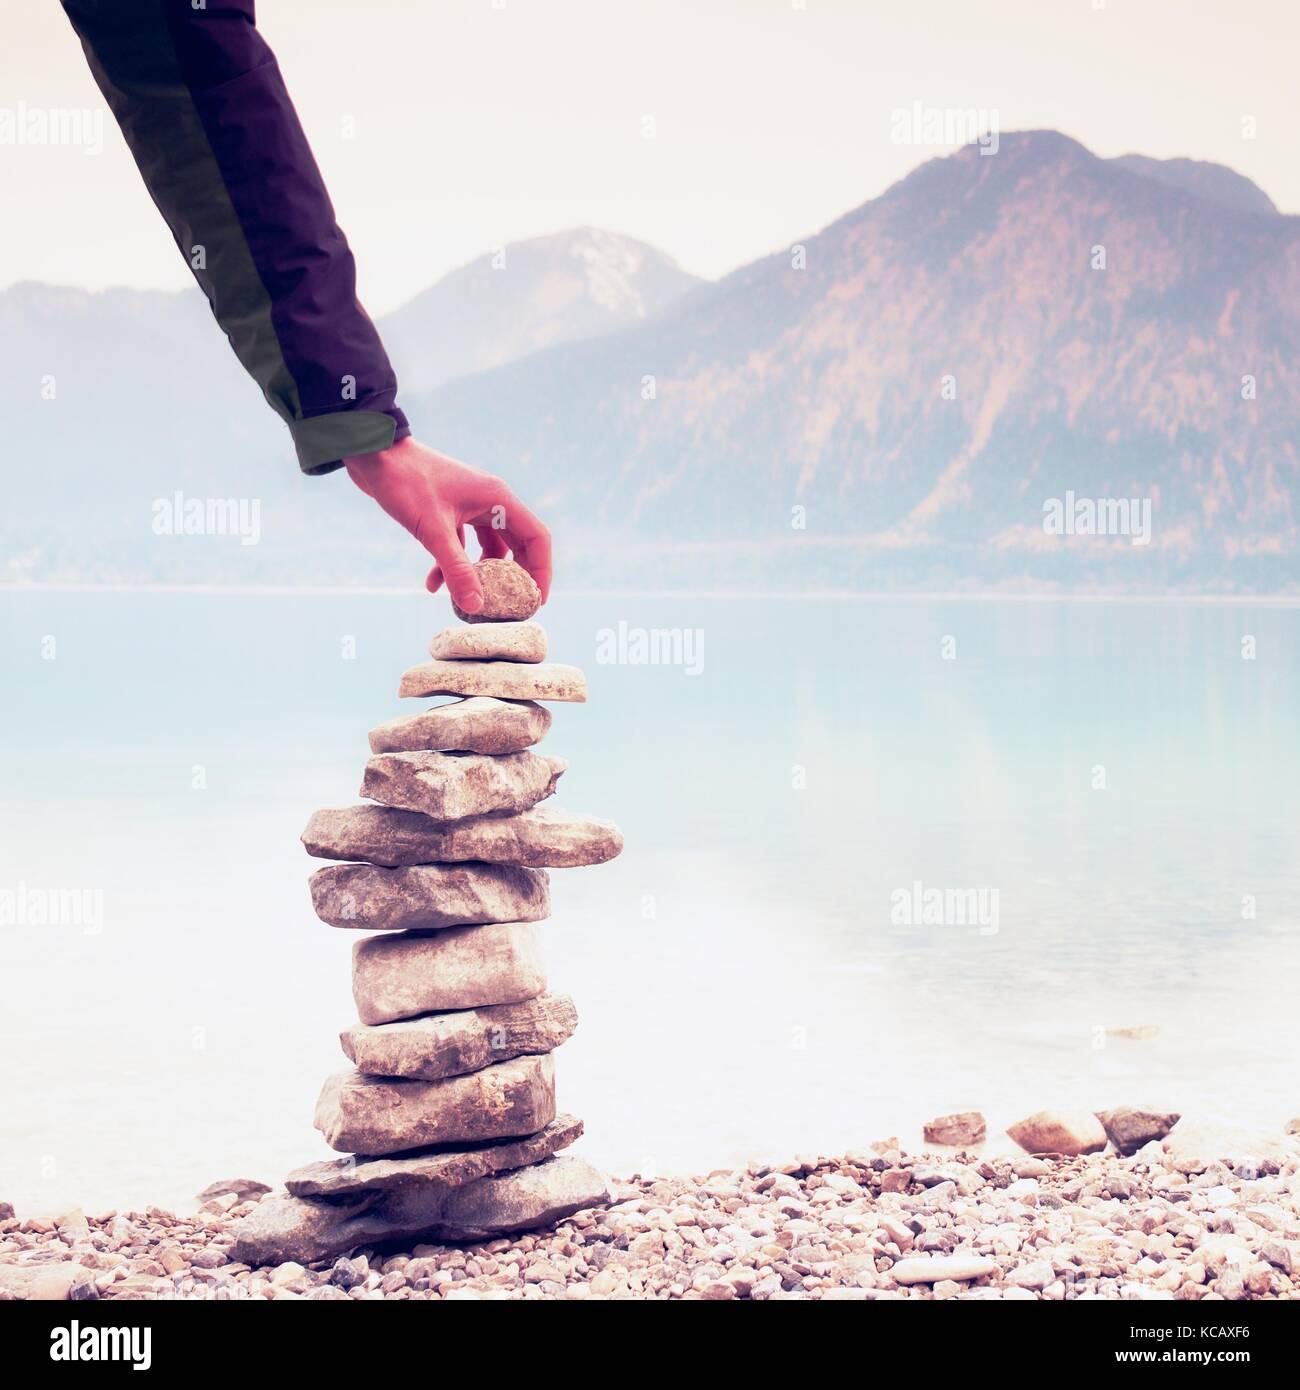 Man errichtete Pyramide aus Kieselsteinen. Ausgewogene Stein Pyramide am Ufer des blauen Wasser des Bergsees. Blue Stockbild